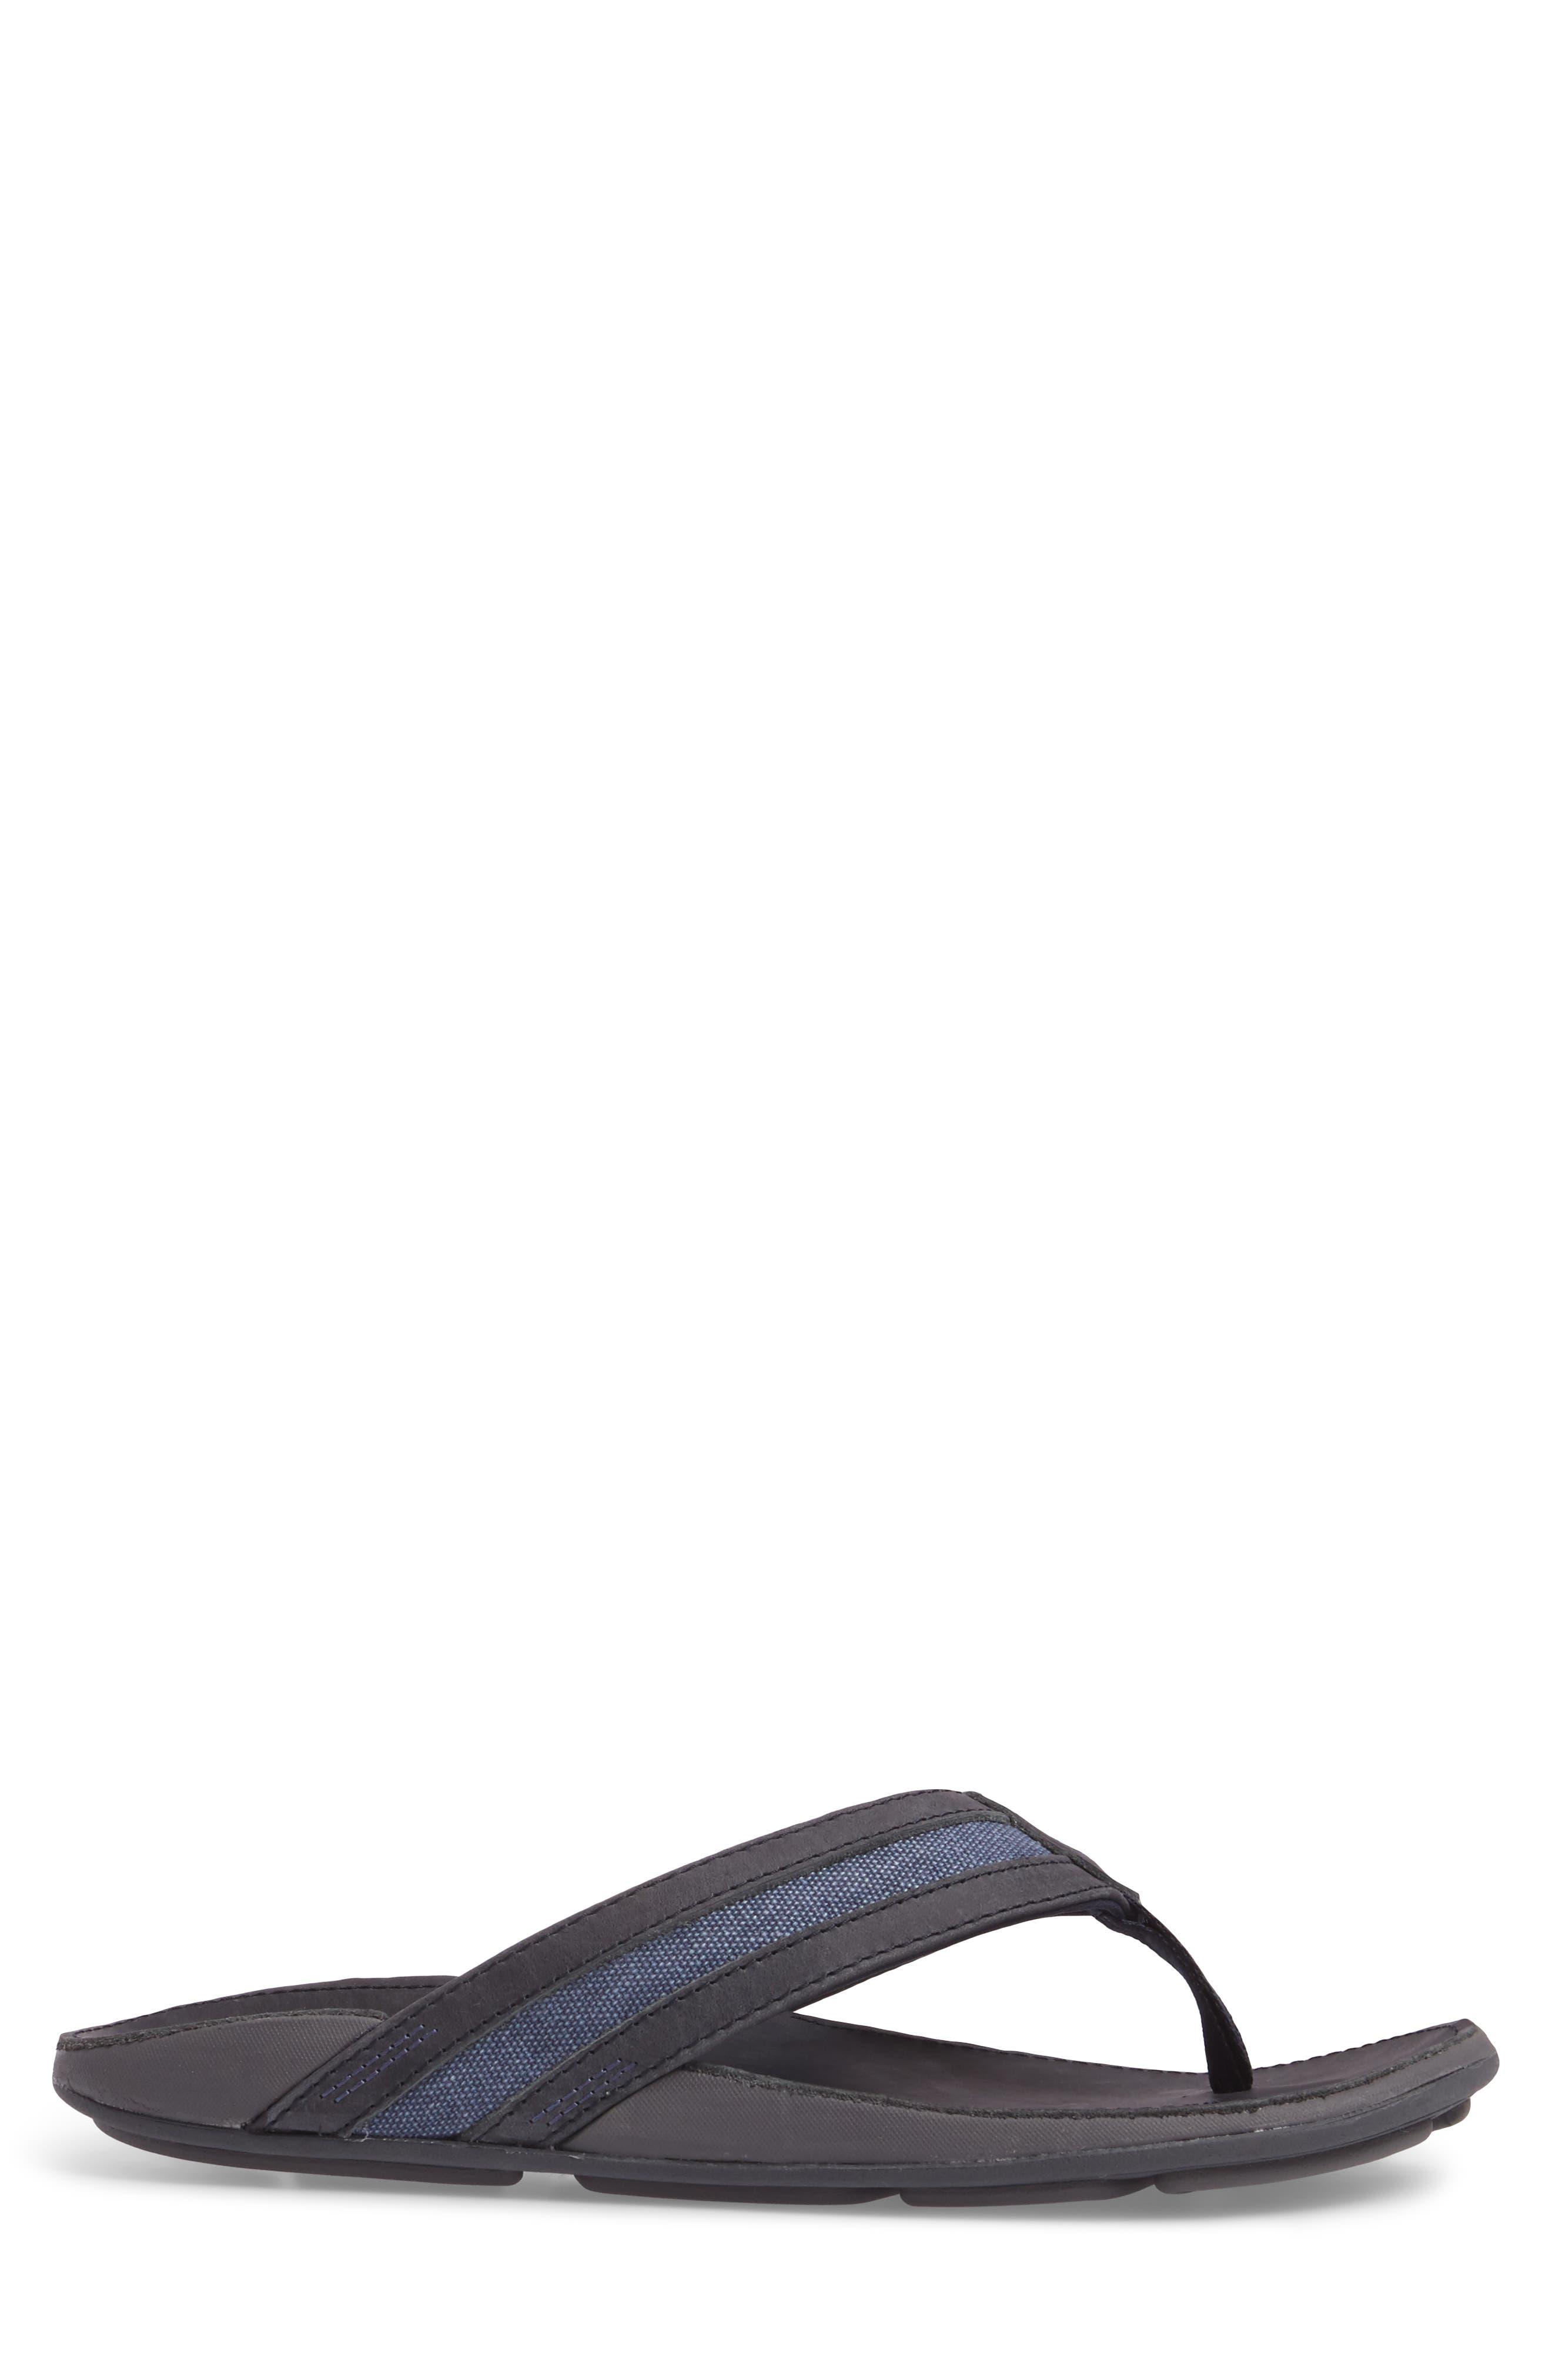 Alternate Image 3  - OluKai Ikoi Flip Flop (Men)